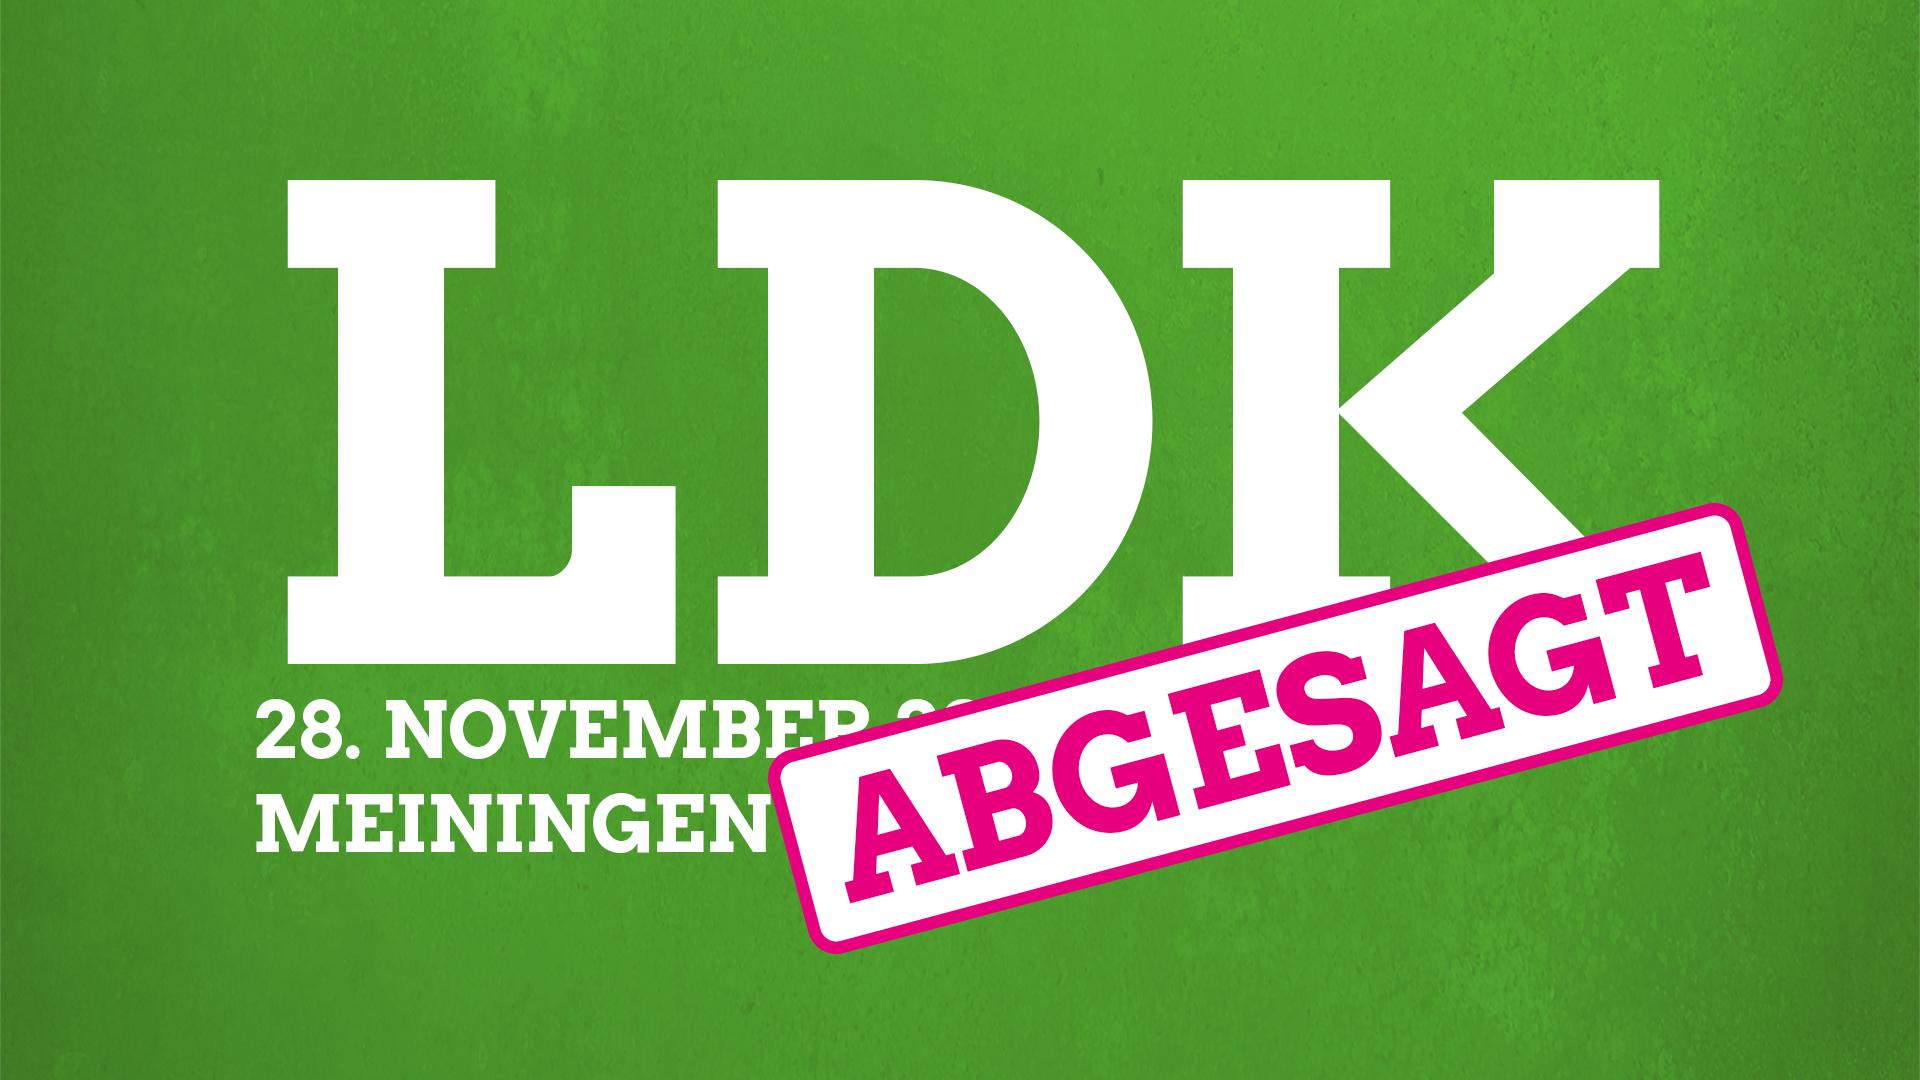 Absage der Landesdelegiertenkonferenz am 28. November in Meinigen